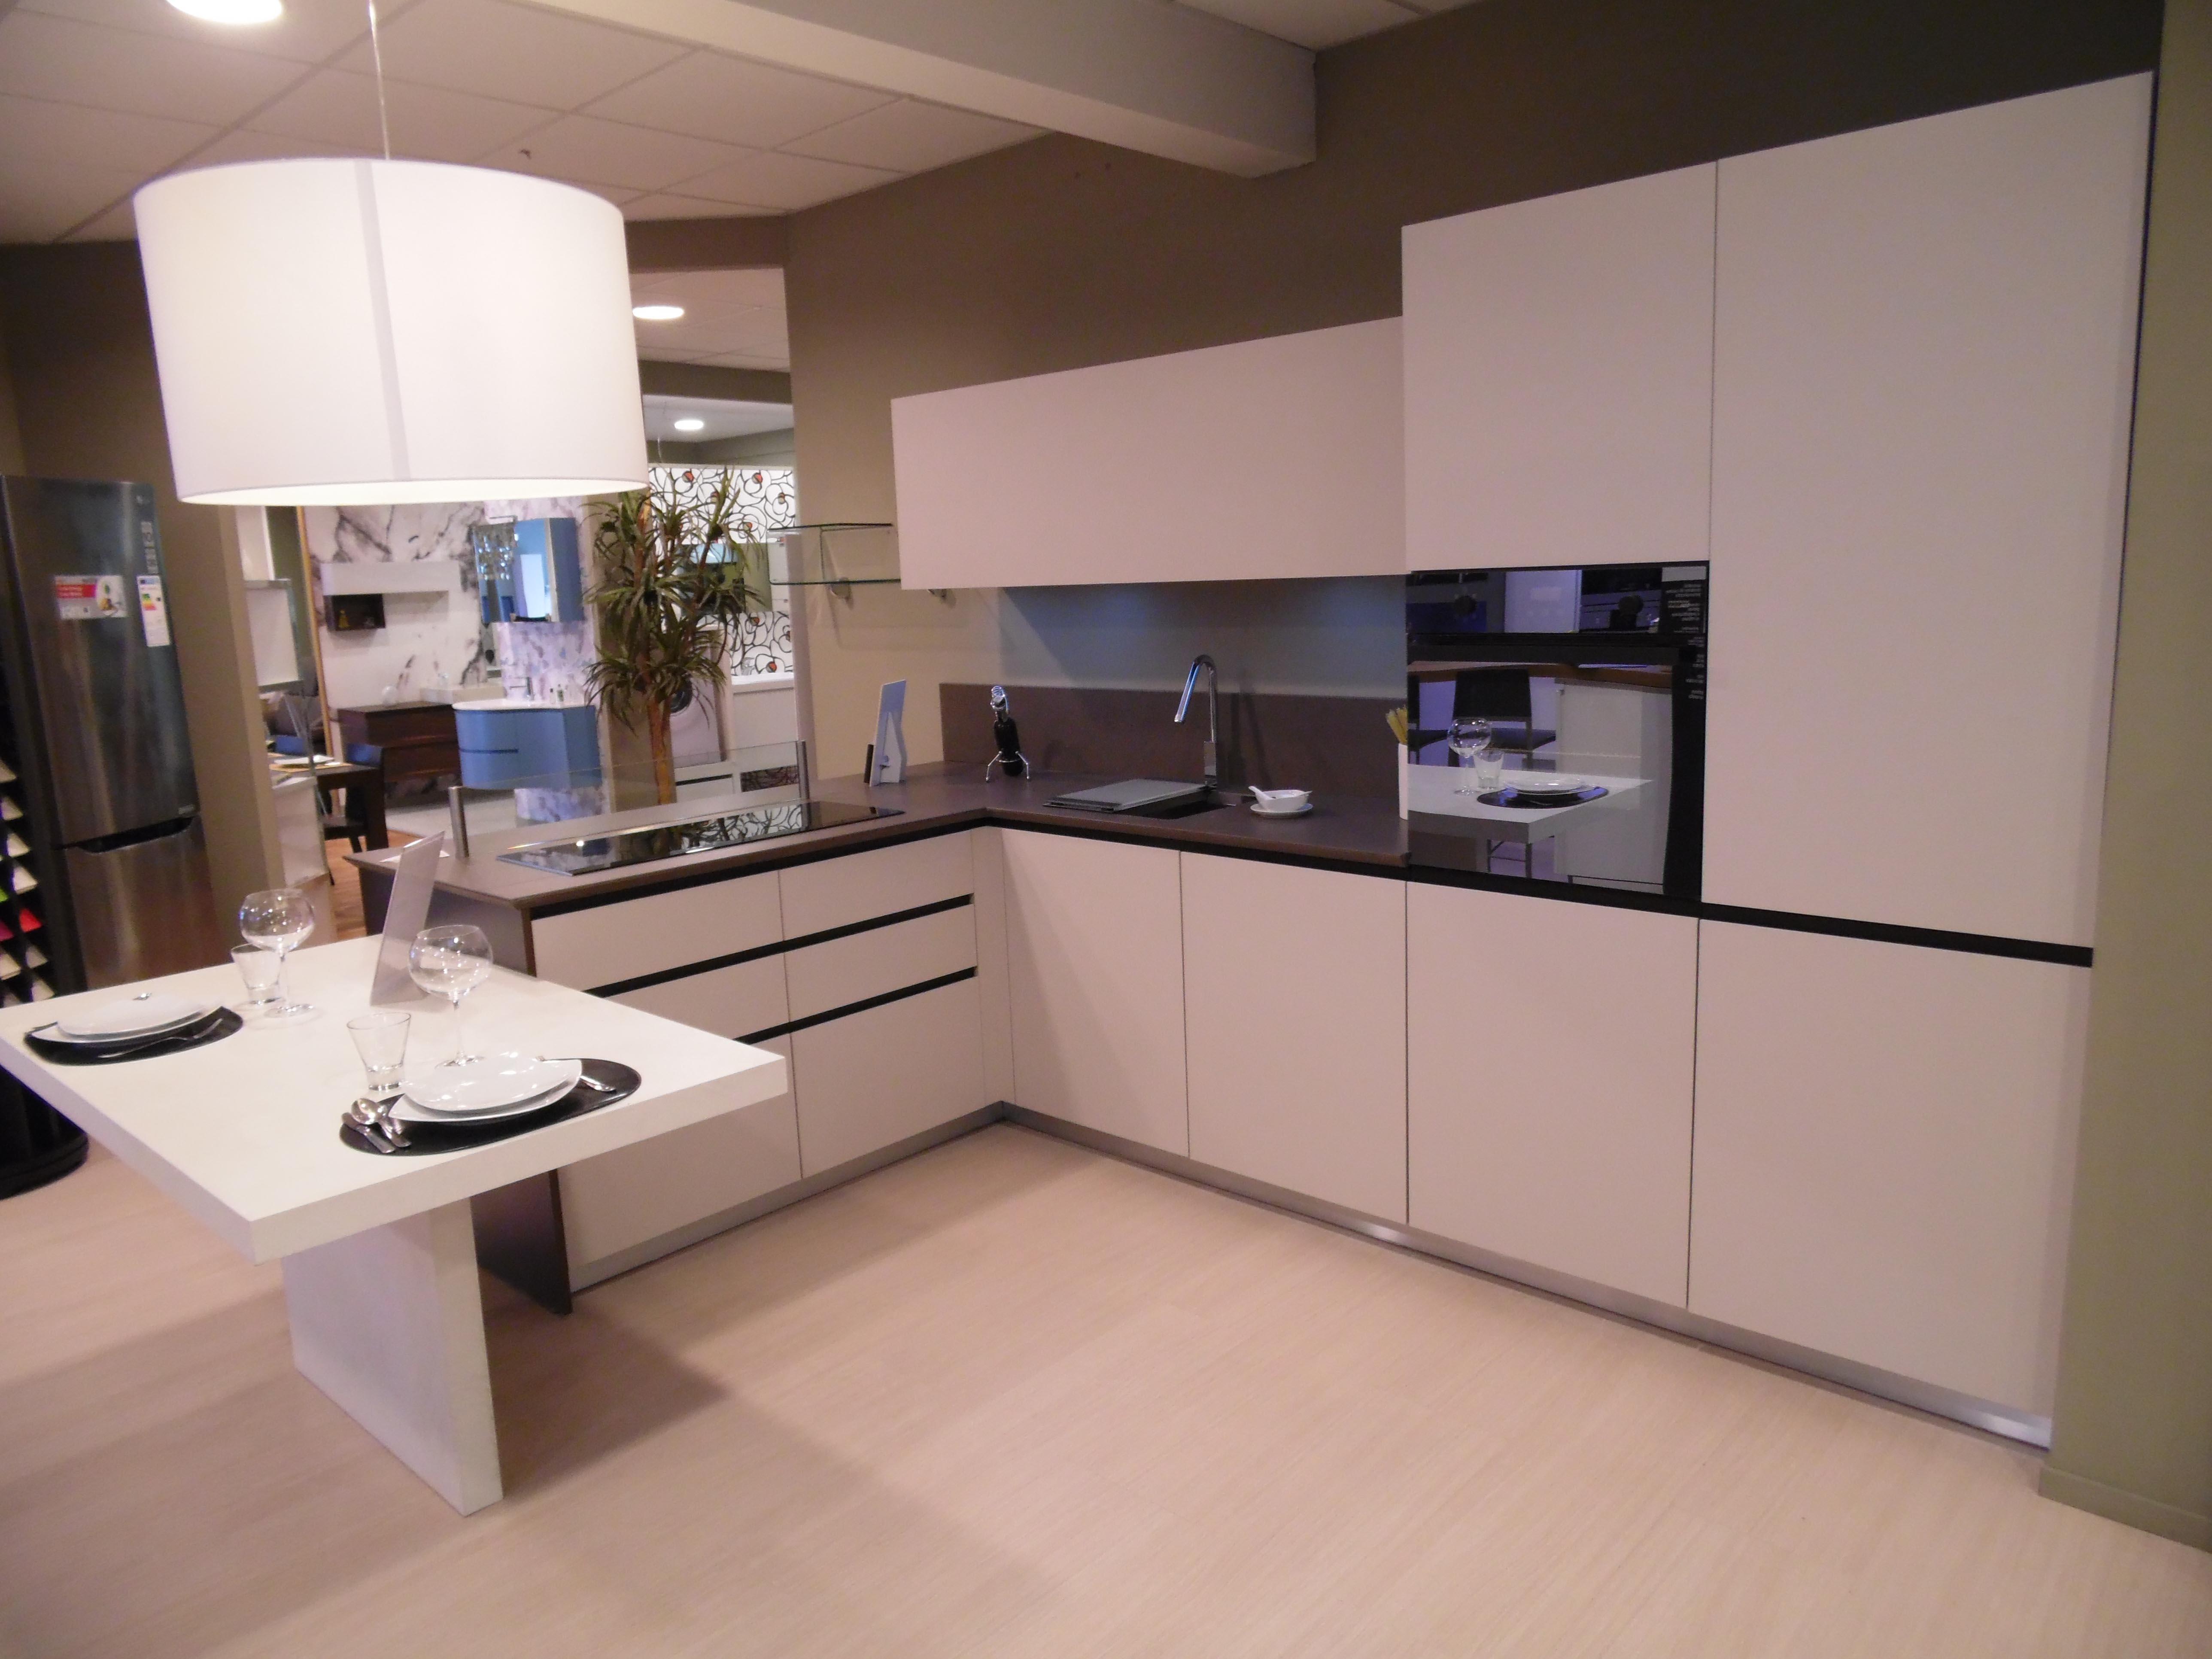 Cucina Del Tongo Amalfi scontato del -61 % - Cucine a prezzi scontati